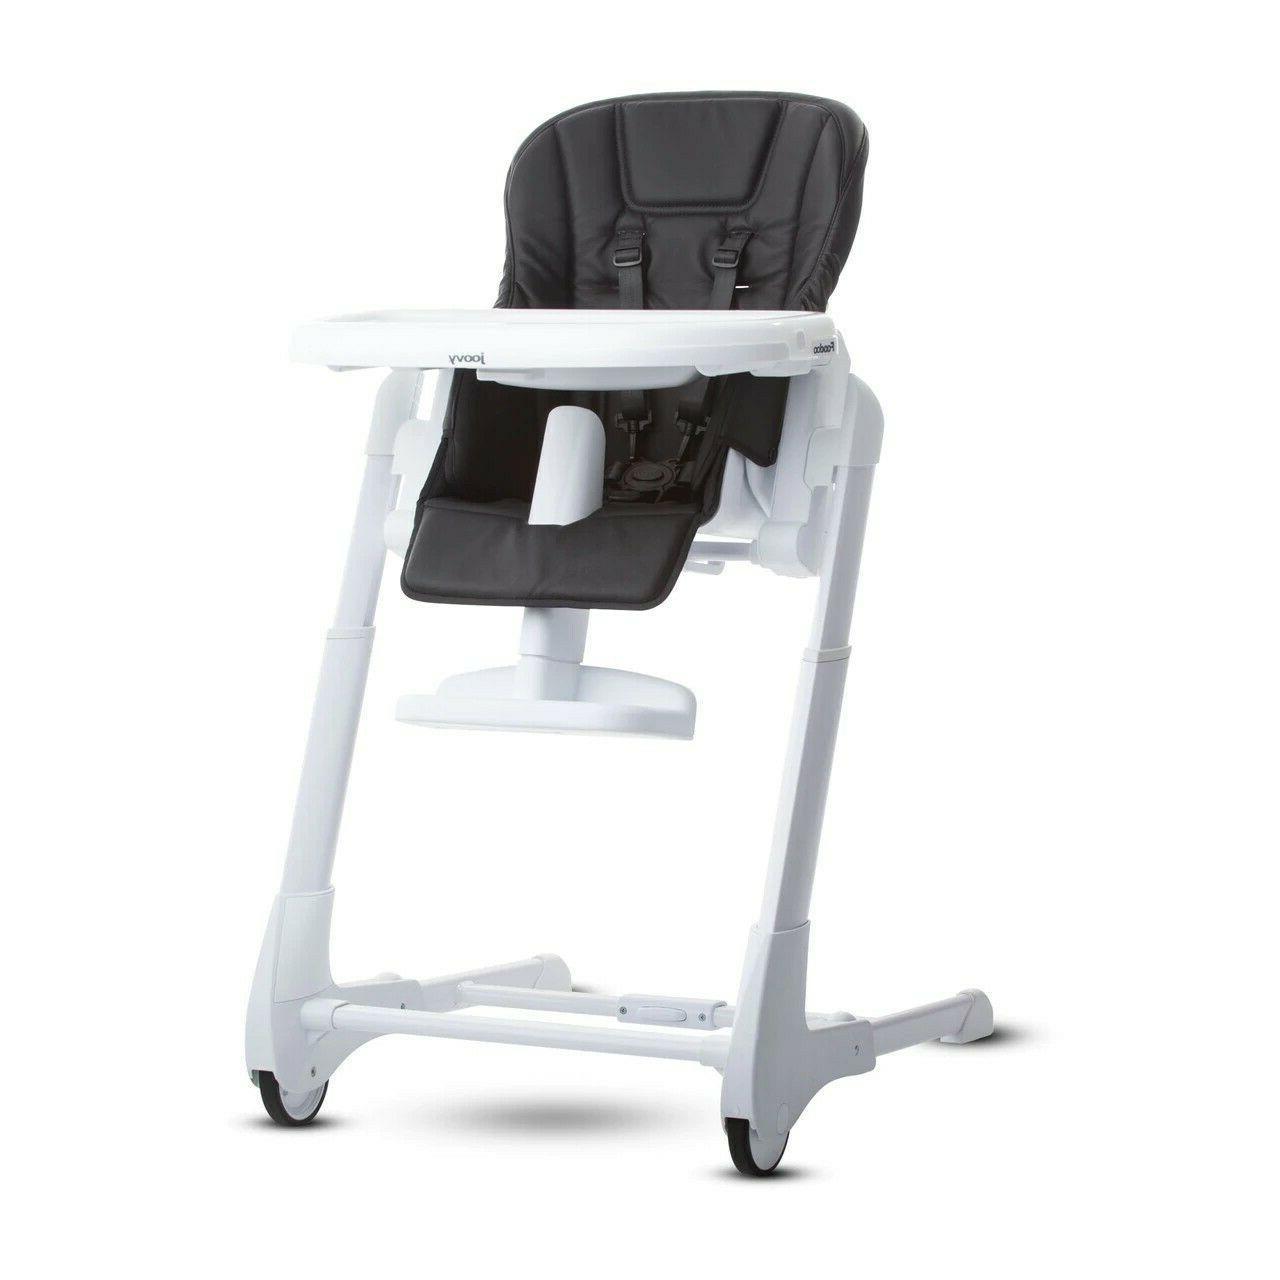 foodoo black high chair adjustable reclines huge